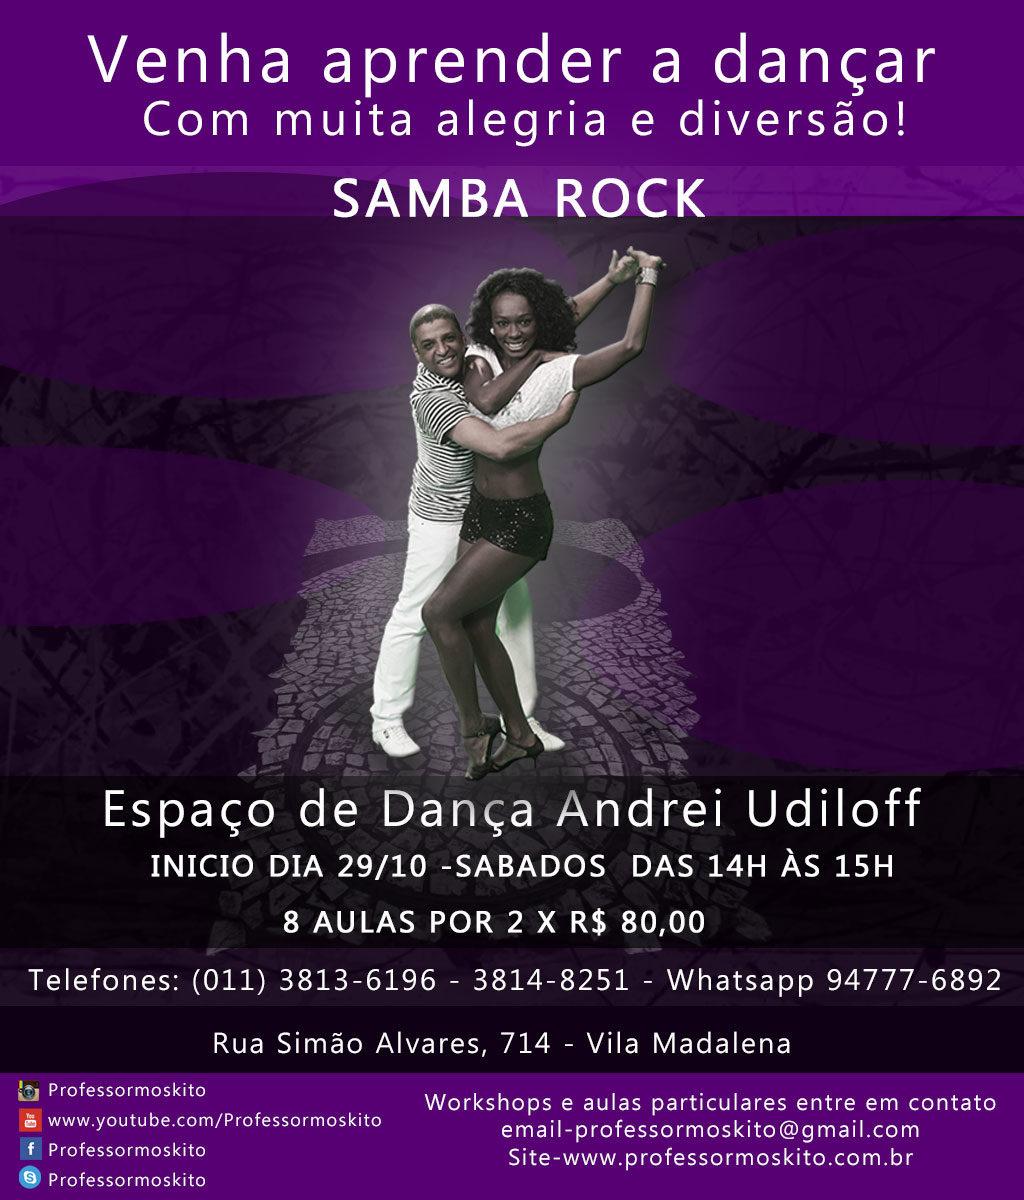 Faça aulas de samba rock com Anna Paula e Moskito no Espaço de Dança Andrei Udiloff #nota